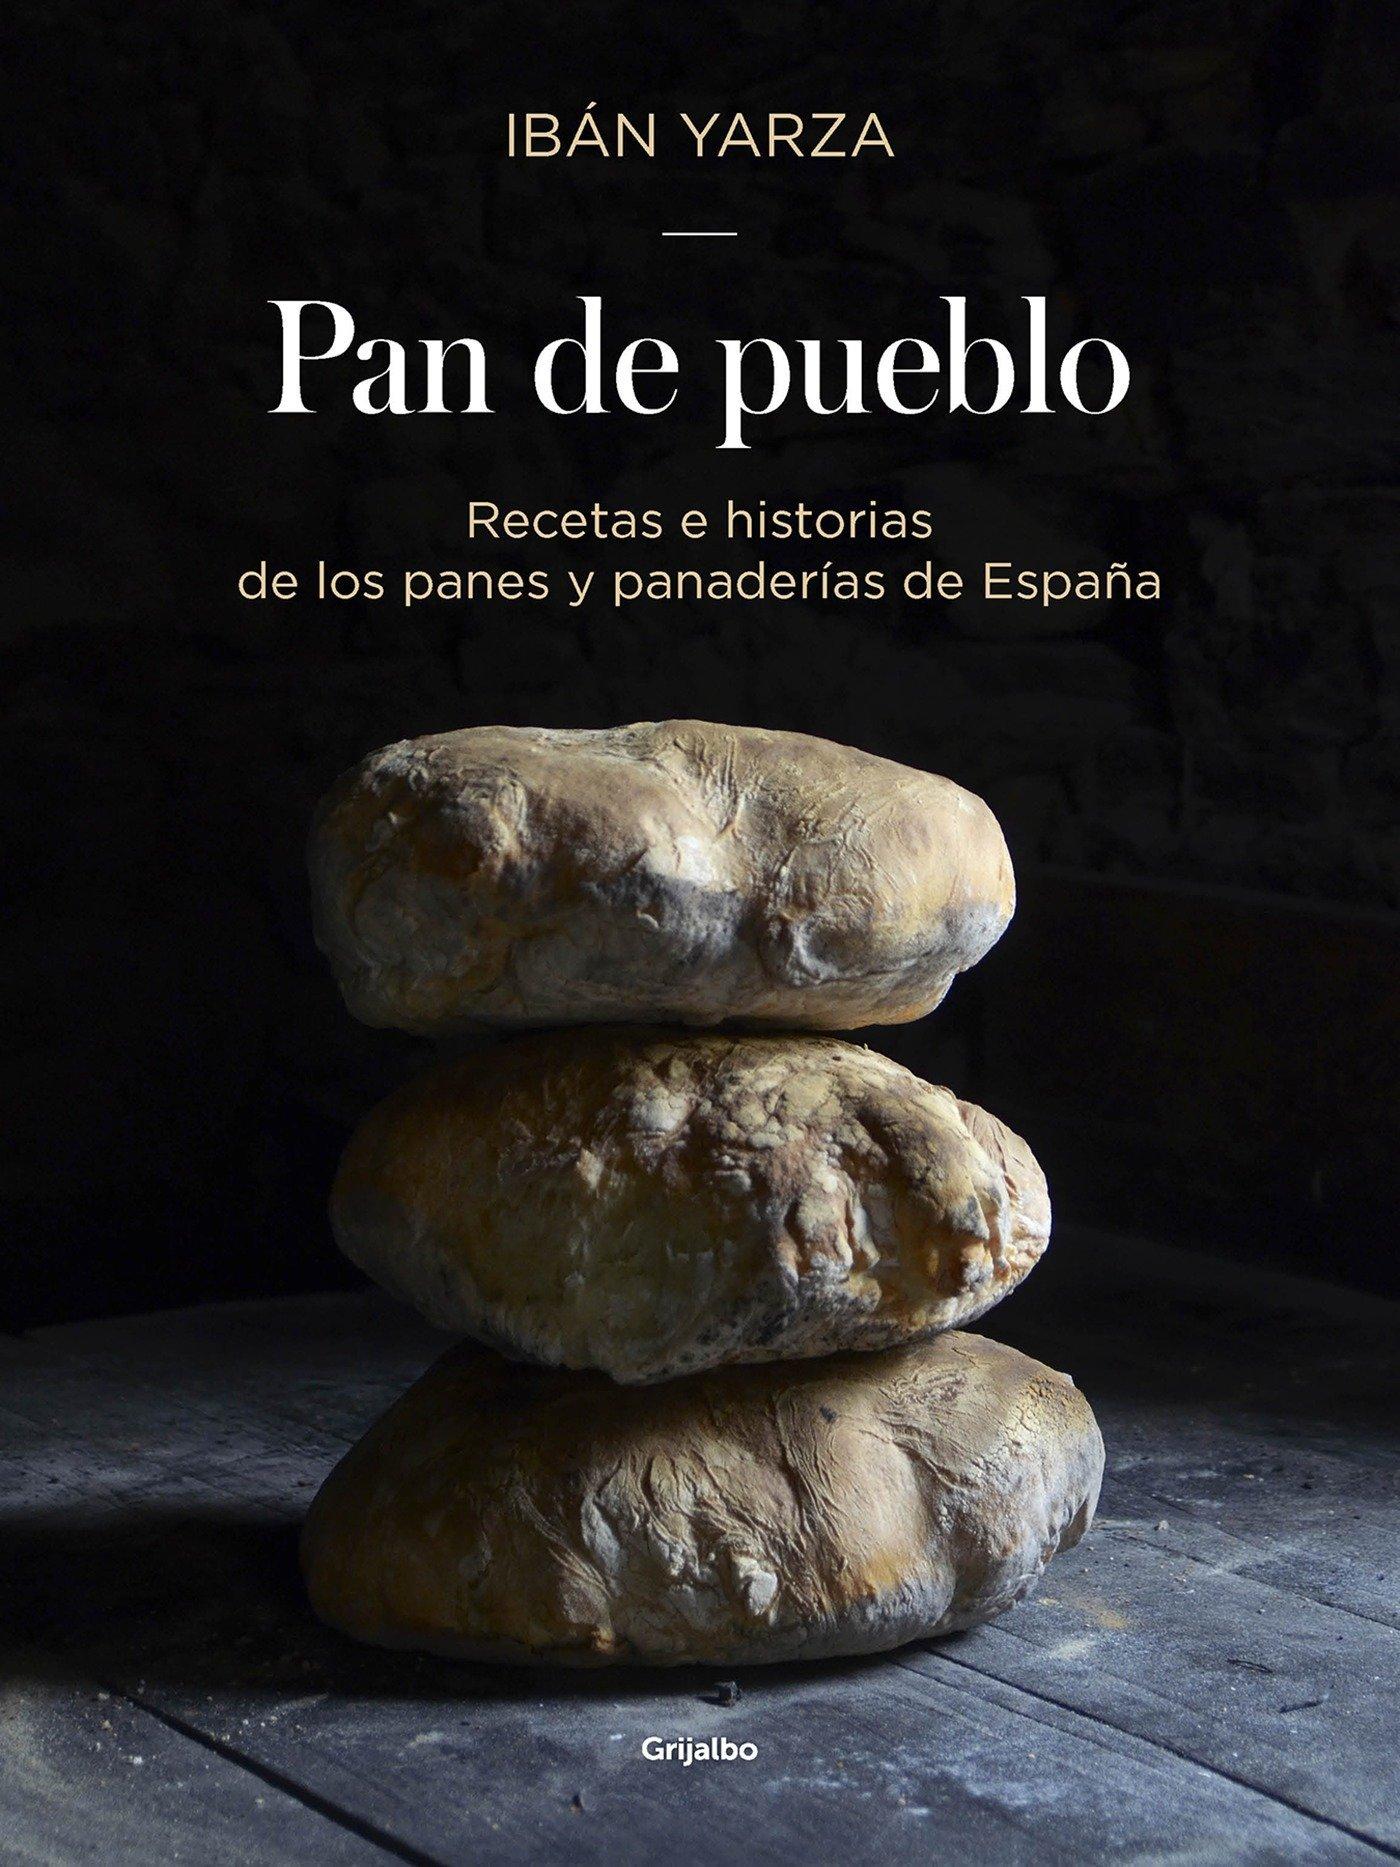 Pan De Pueblo  Recetas E Historias De Los Panes Y Panaderias De España   Town Bread  Recipes And History Of Spain's Breads And Bakeries  Recetas E ... De Los Panes Y Panaderías De España  Sabores